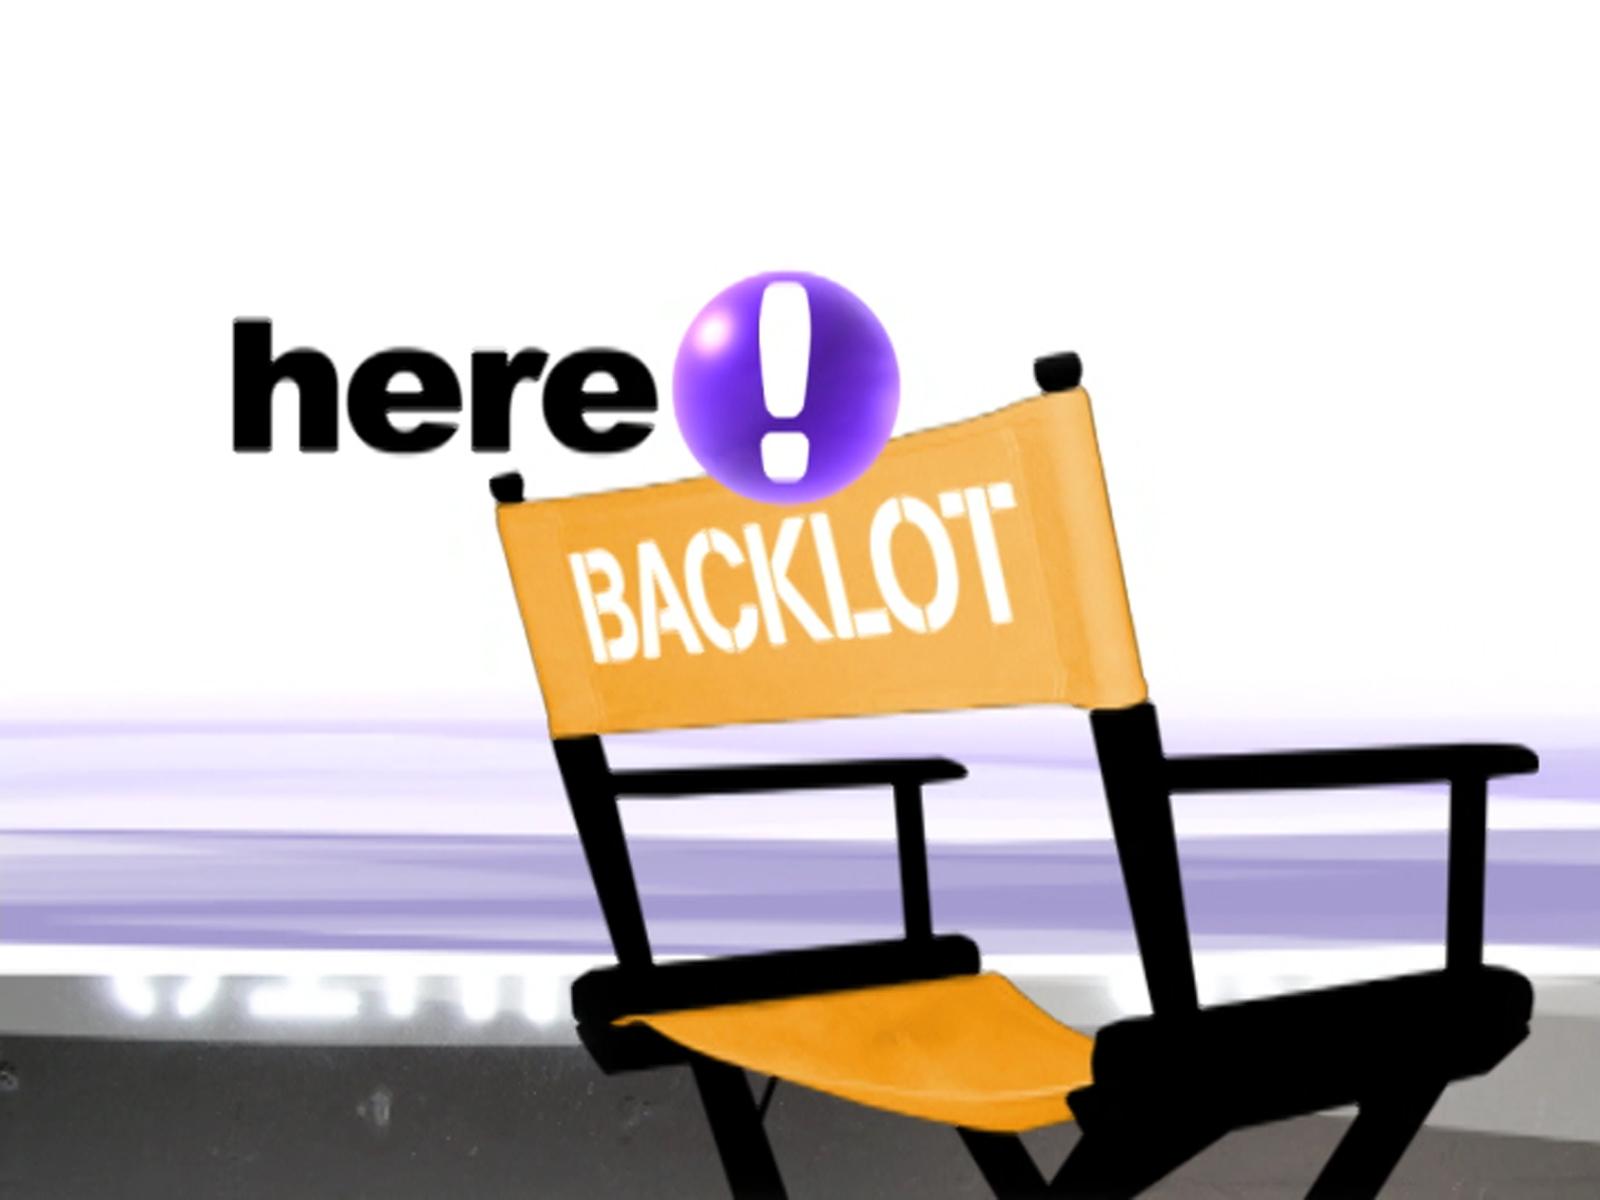 Here-BacklotS1-Full-Image-en-US.jpg